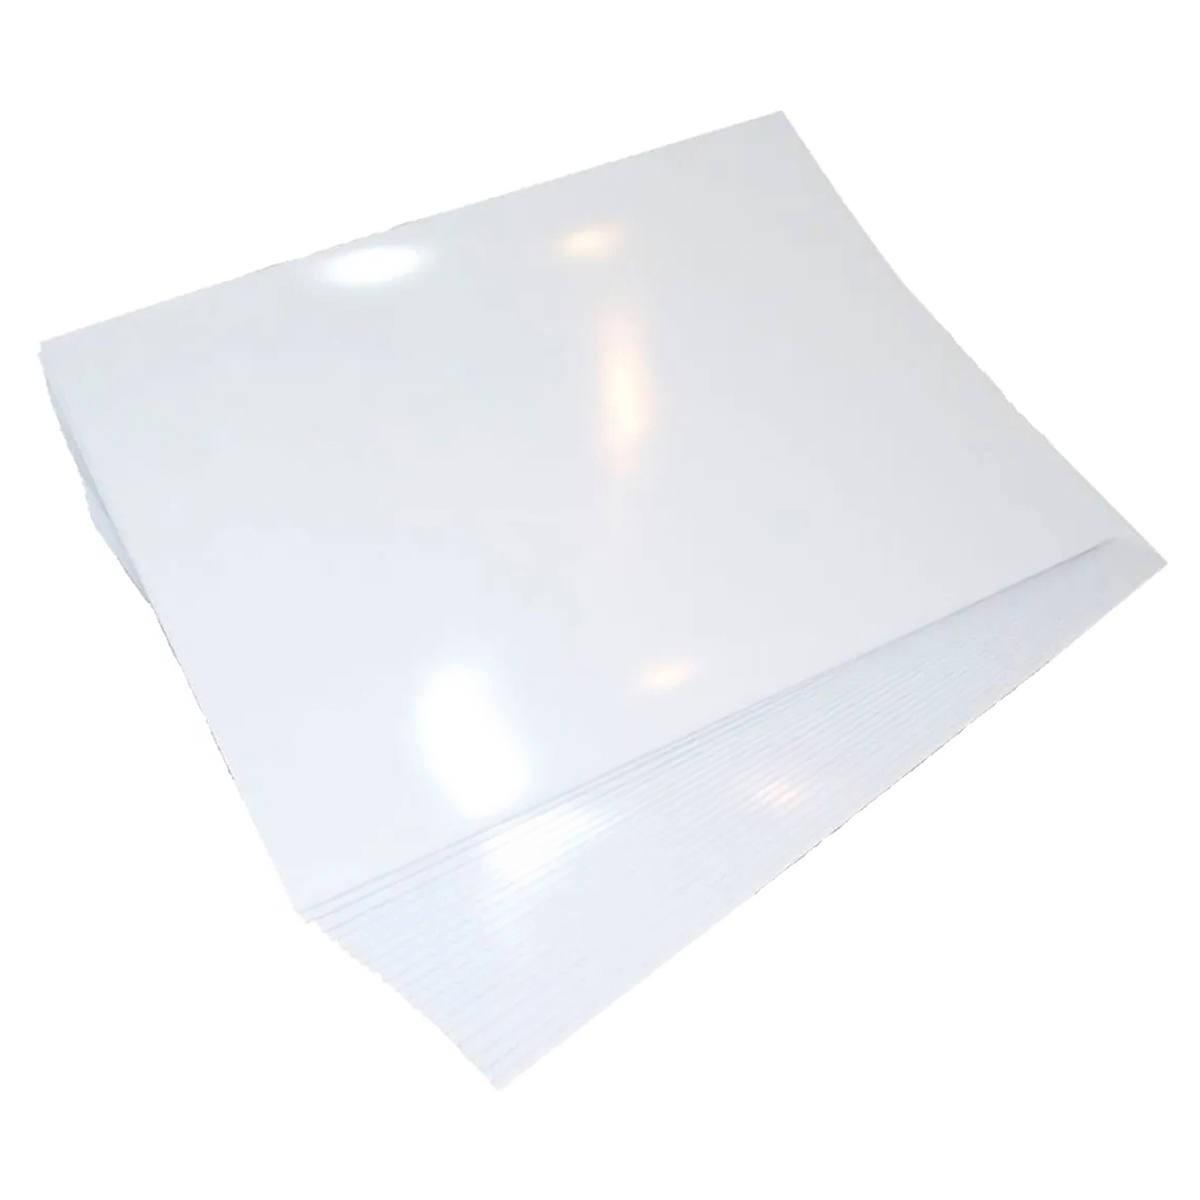 Vinil Branco Brilhante Autoadesivo 135g A4 à Prova d'água PVC Adesivo / 100 folhas